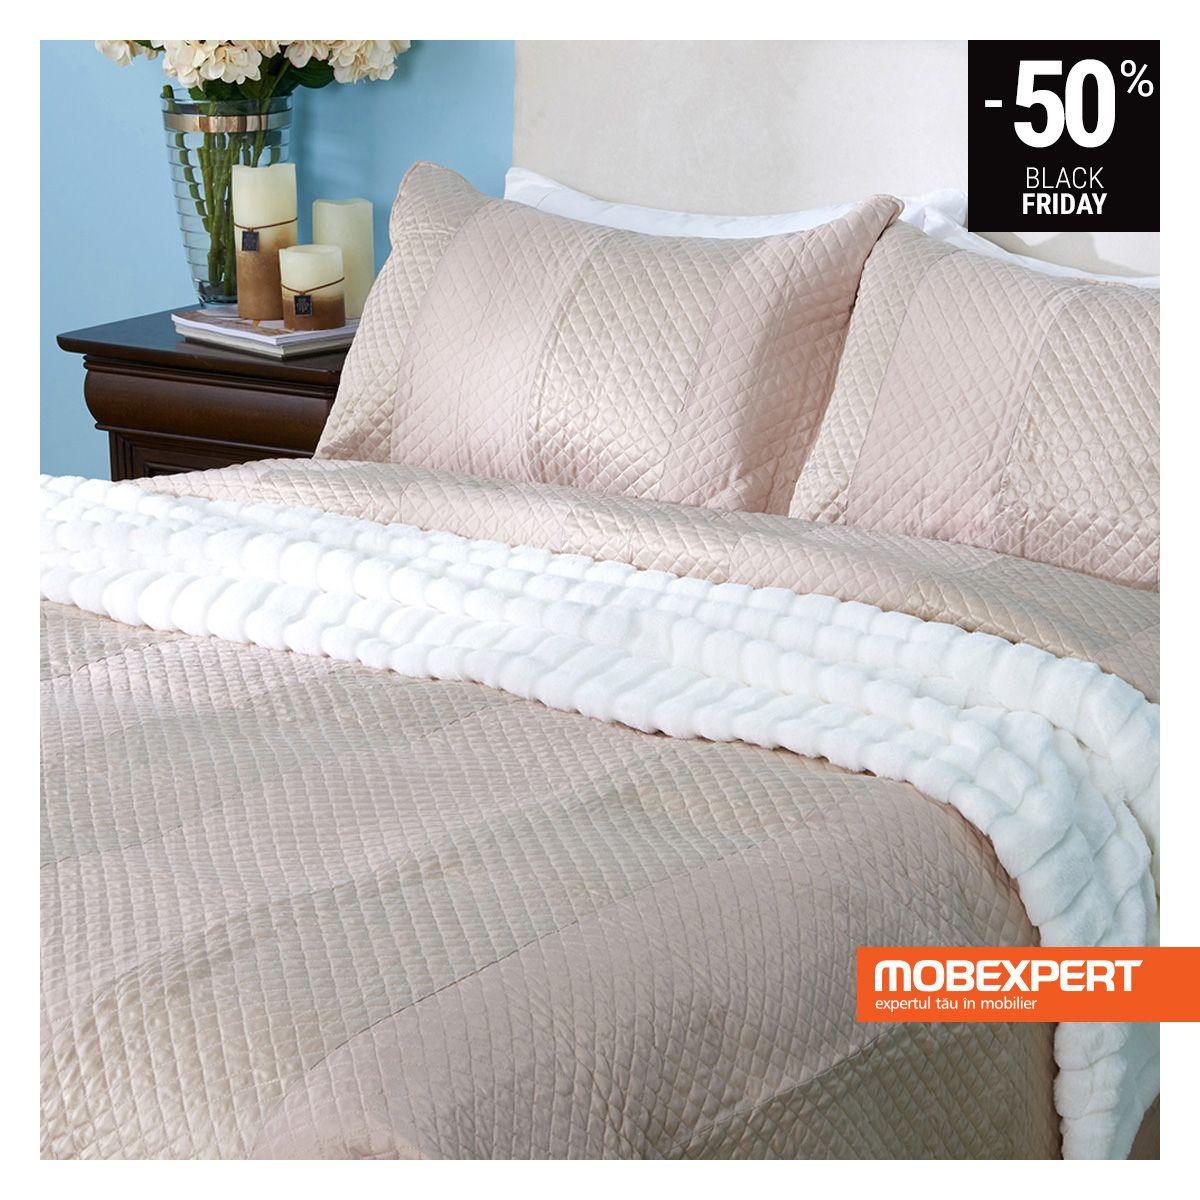 Cuverturi Decor Bed Furniture